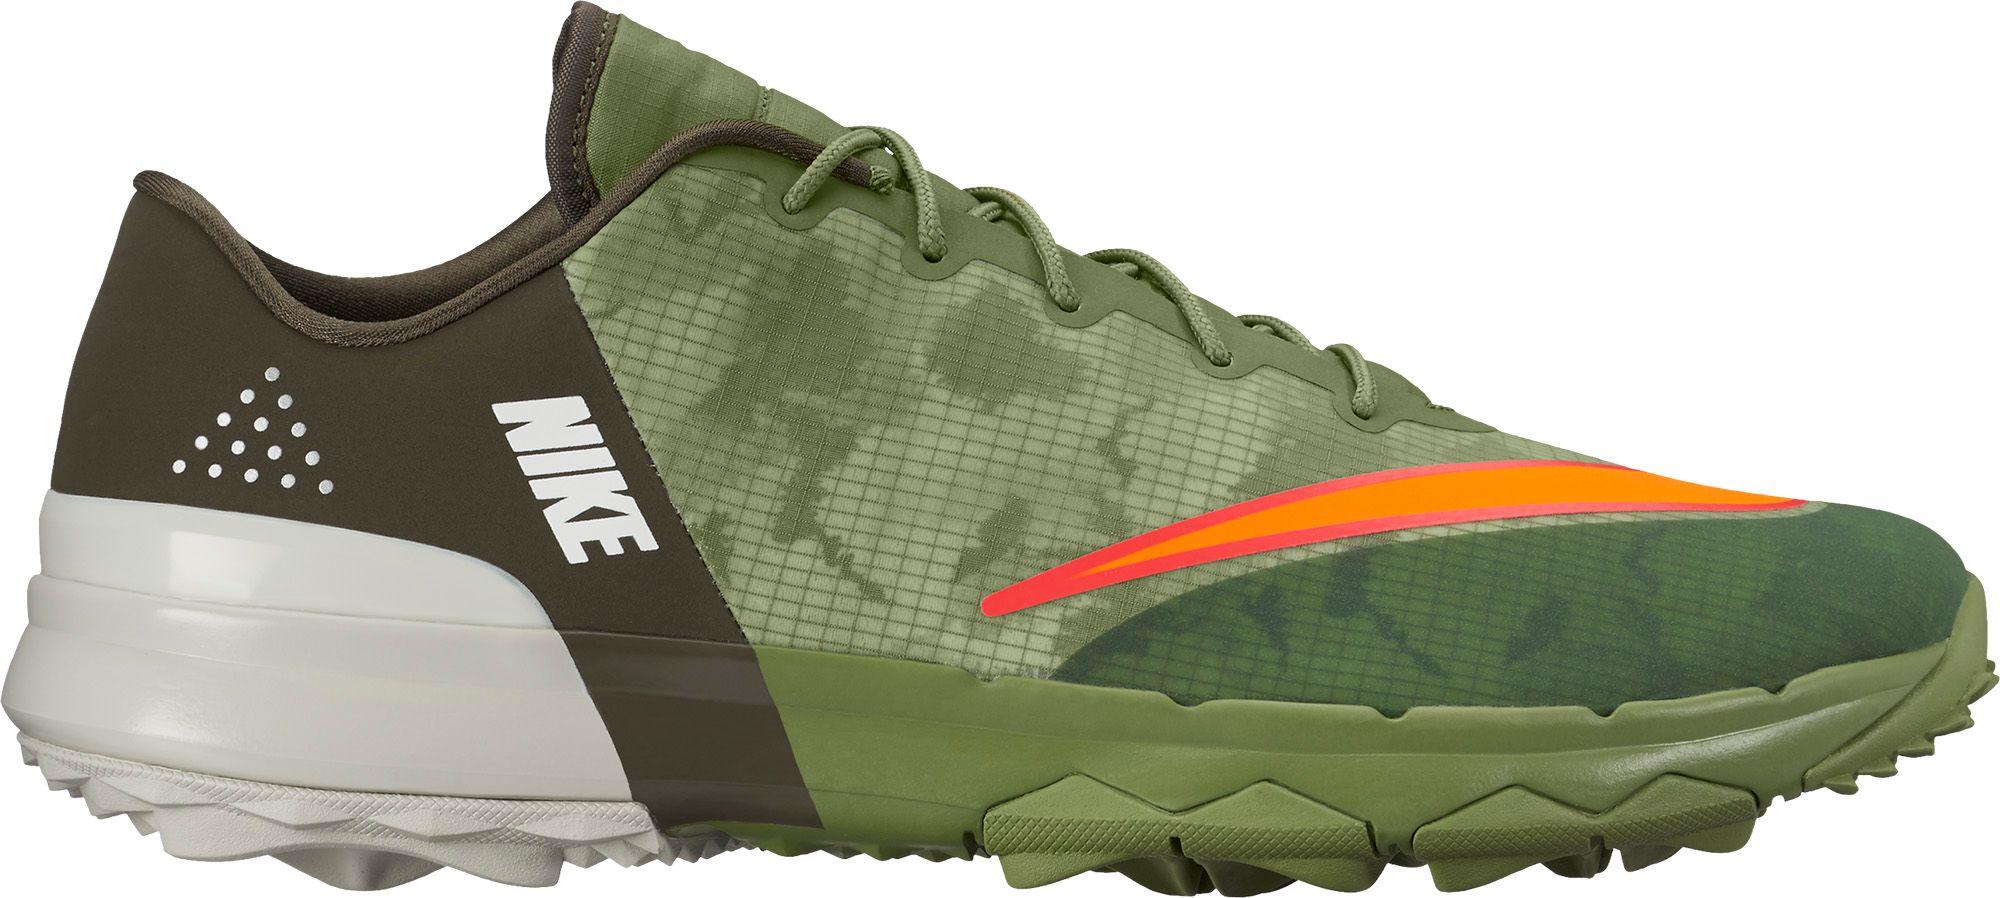 151204852c7ce7 high-quality Nike FI Flex Golf Shoes DICKS Sporting Goods ...